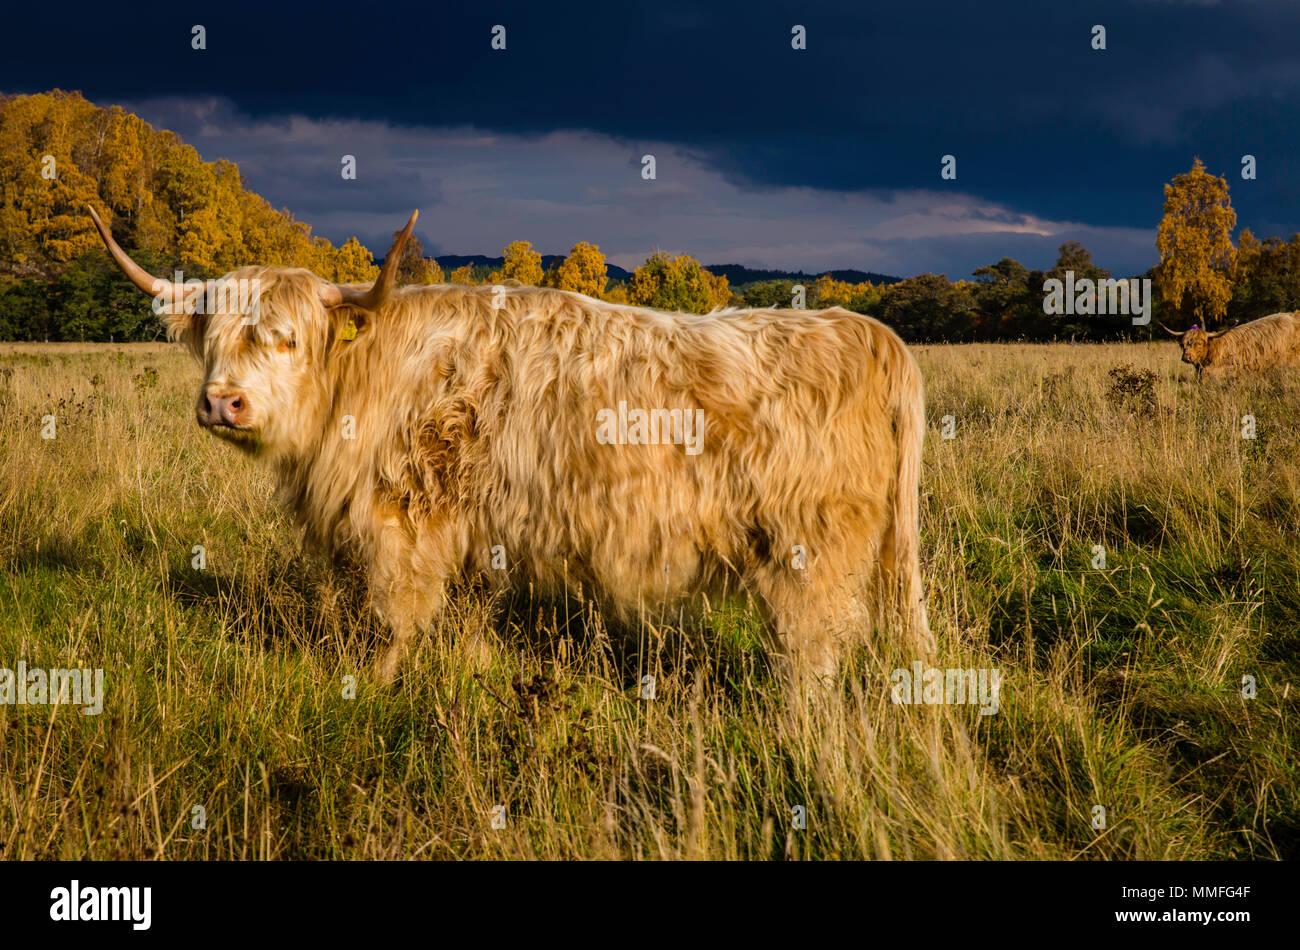 La vache Highland ou coo comme il est connu, c'est un grand animal mignon et un peu poilue. Plutôt docile sur un étouffant la journée! Photo Stock